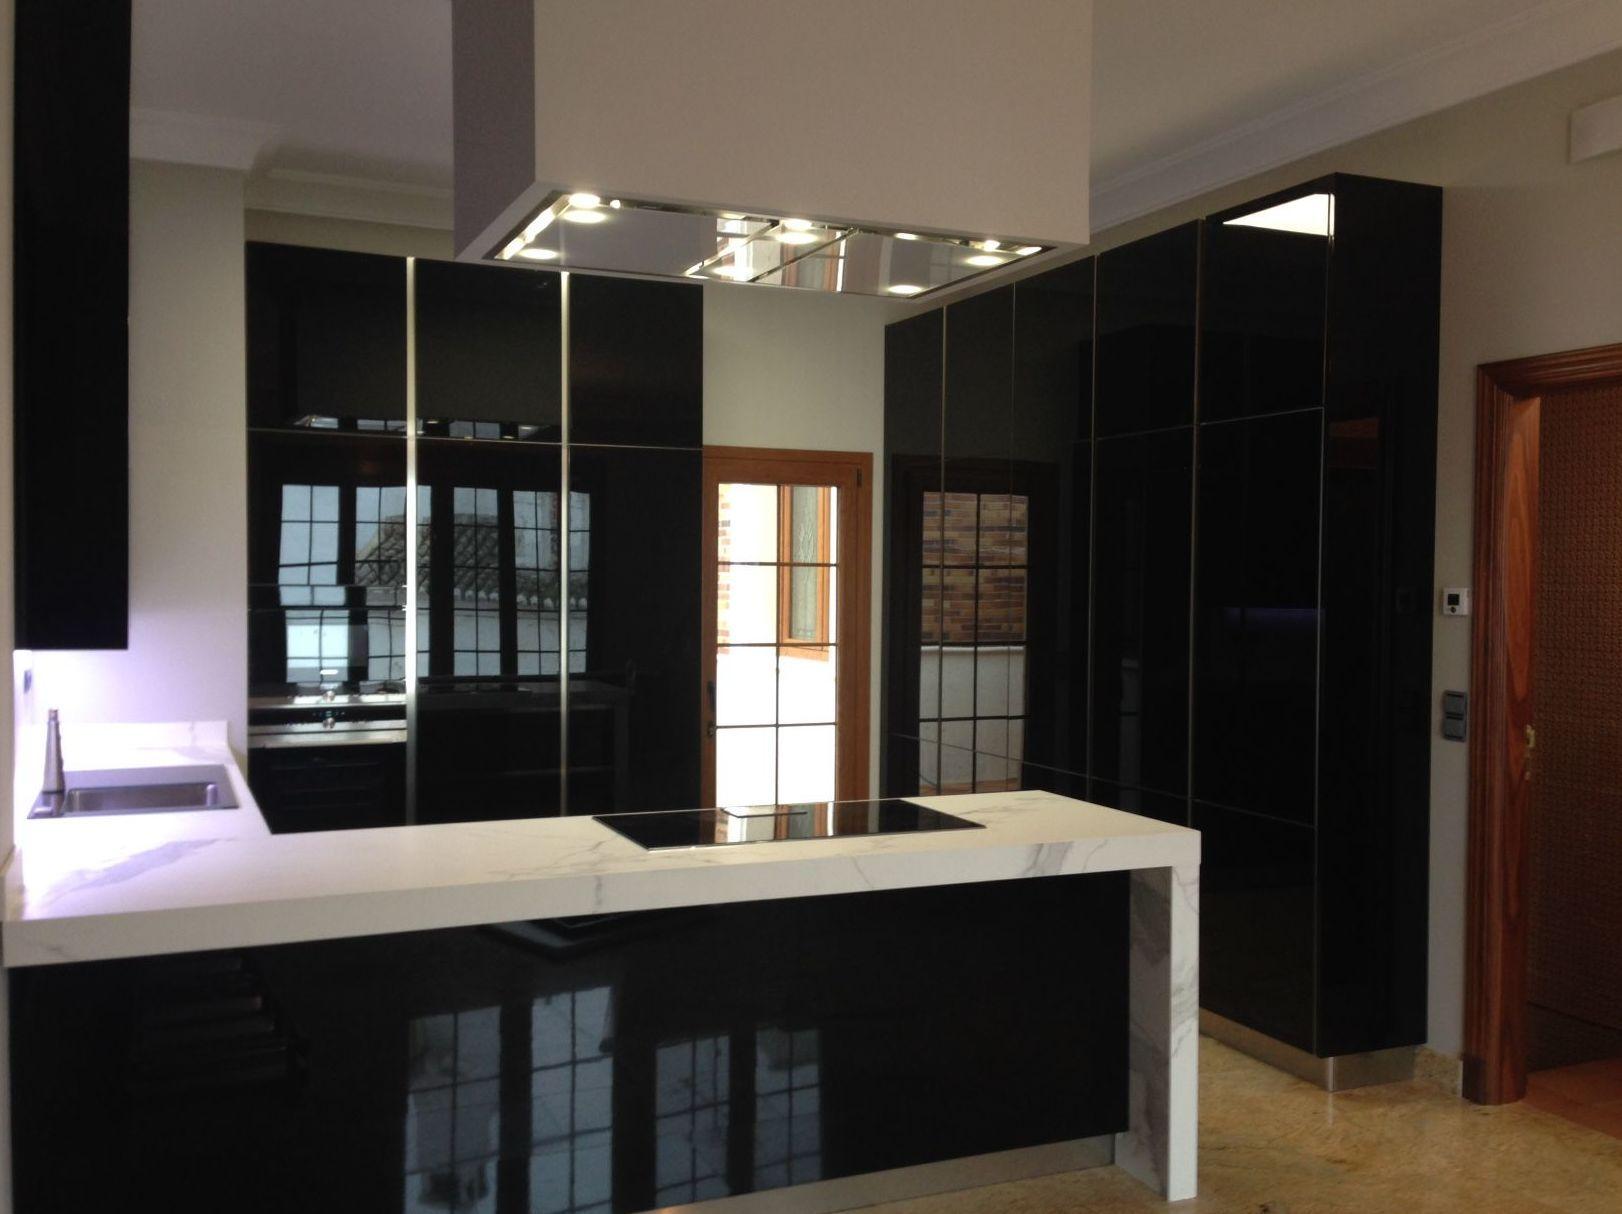 Cocinas de diseño en Vélez Málaga - Diseño Cocina